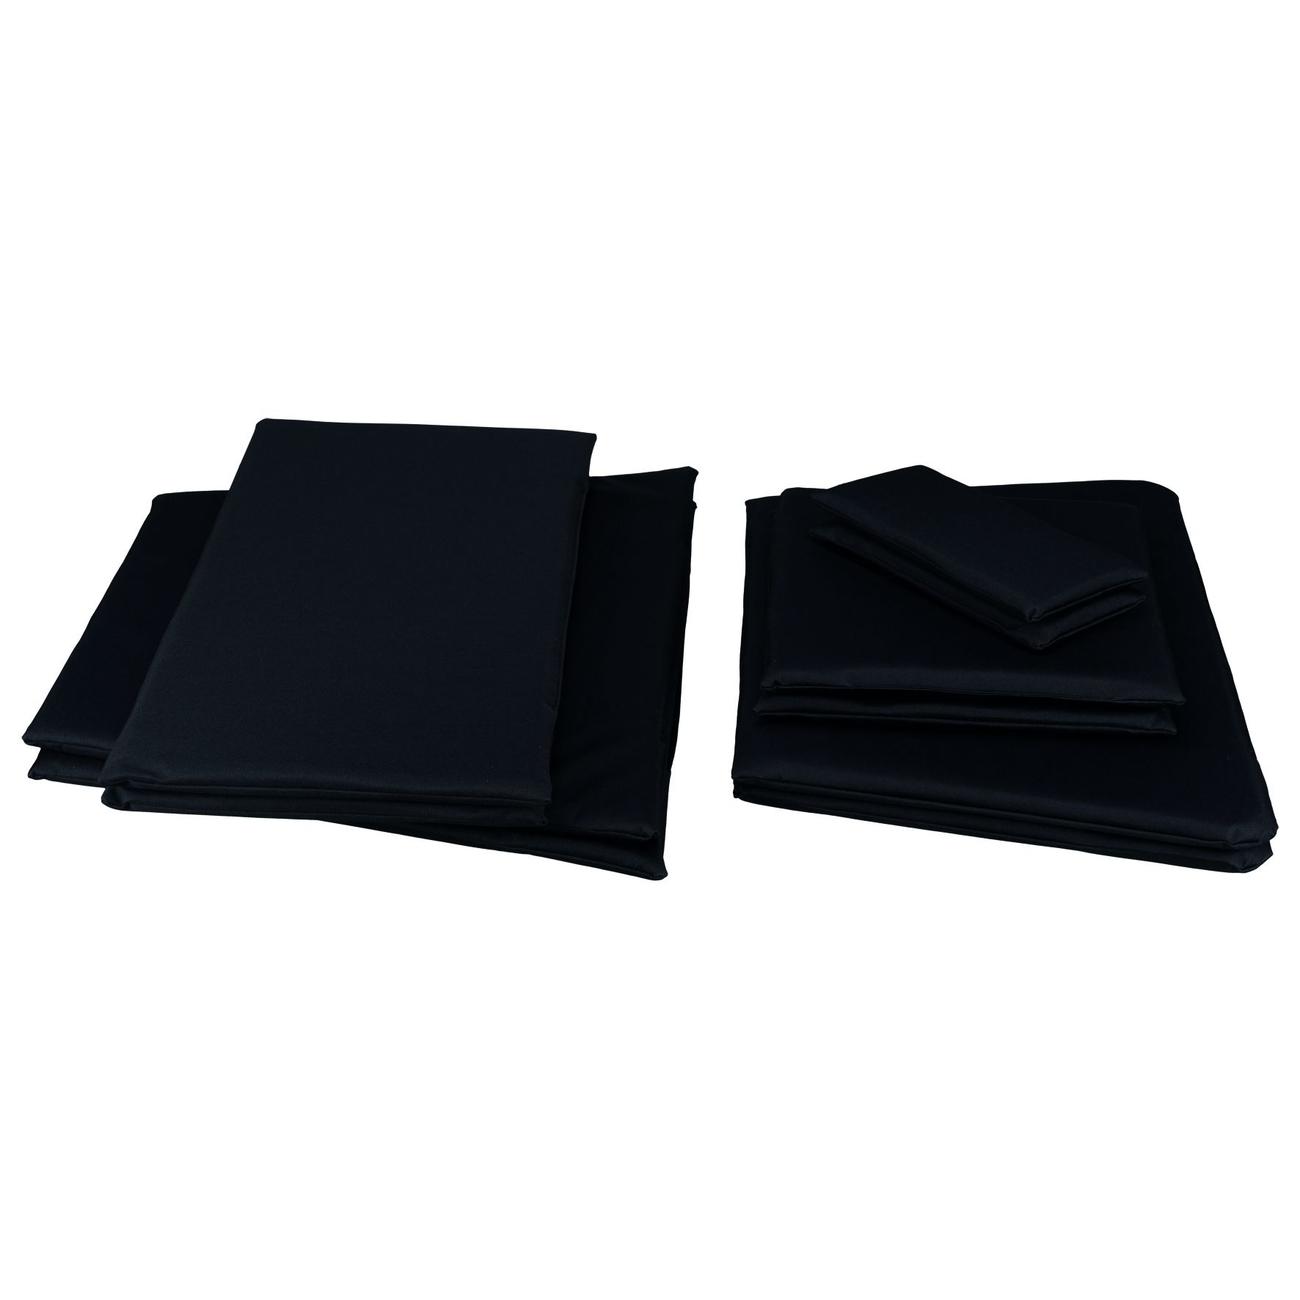 Trixie Innenverkleidung für Aluboxen von 03-39343TI, Bild 3